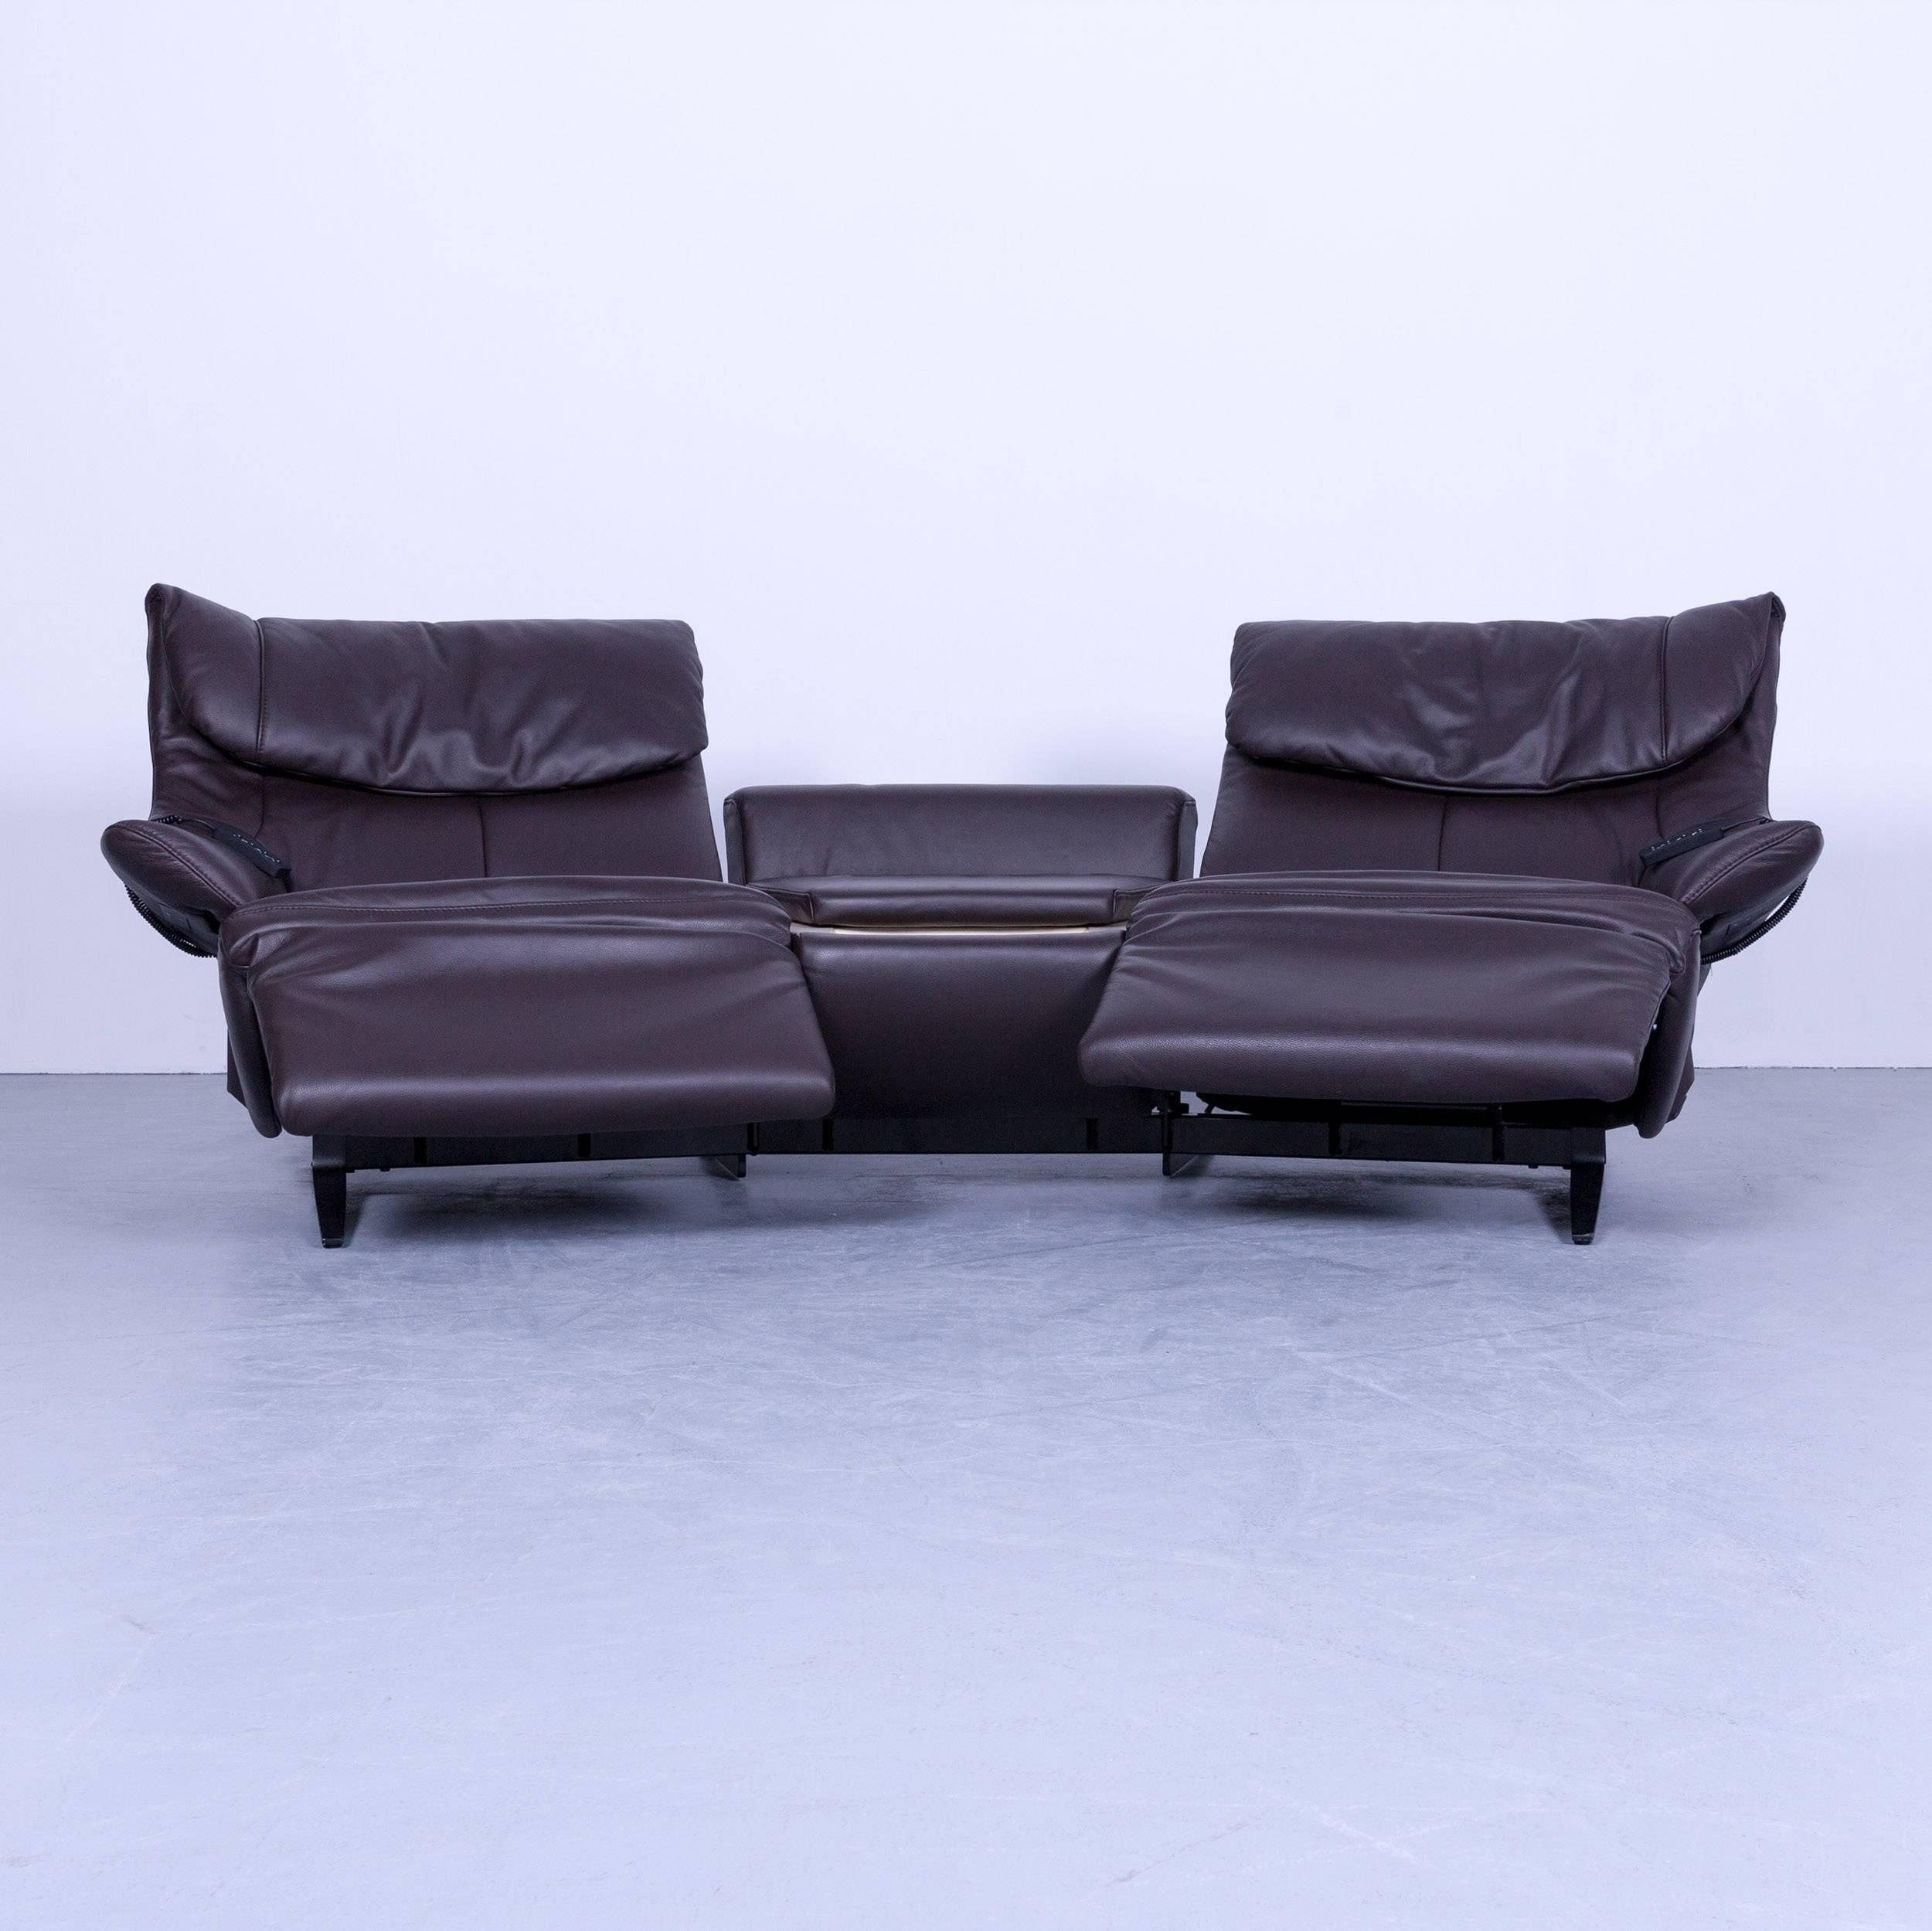 Cool Couch Braun Leder Dekoration Von Himolla Pirelli Designer Sofa Leather Brown Two-seat